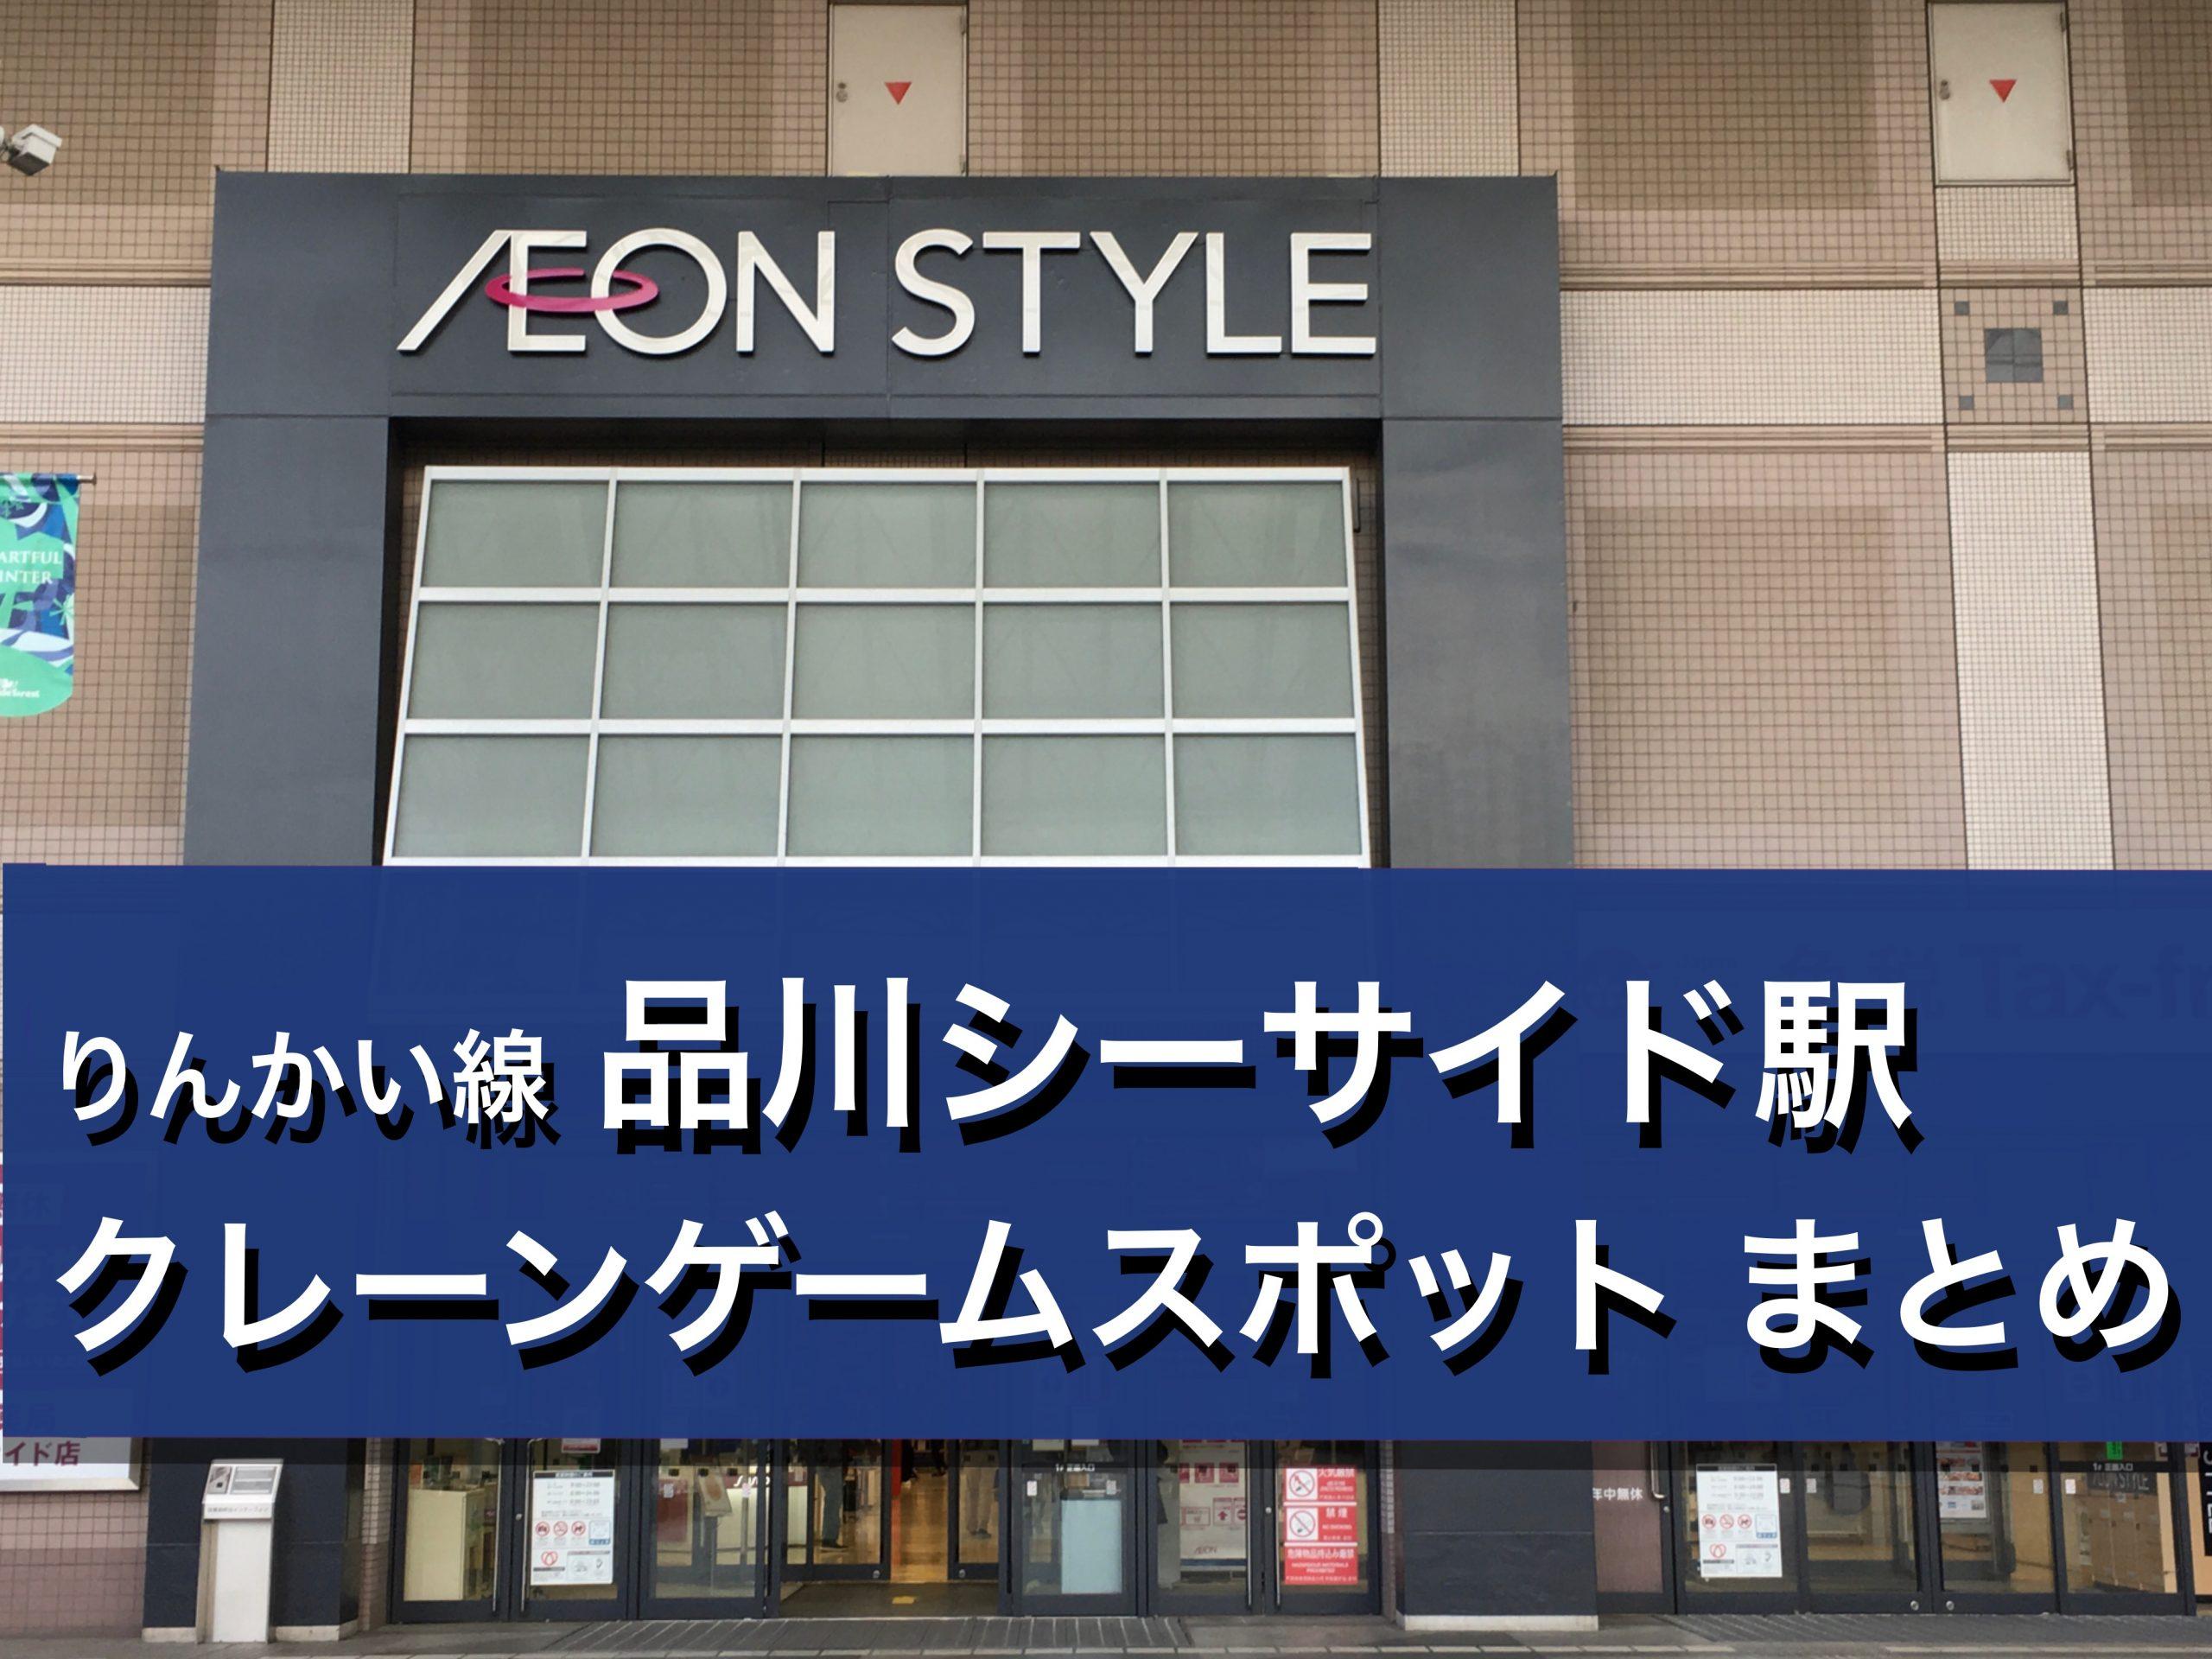 【品川シーサイド駅・青物横丁駅】クレーンゲームができる場所